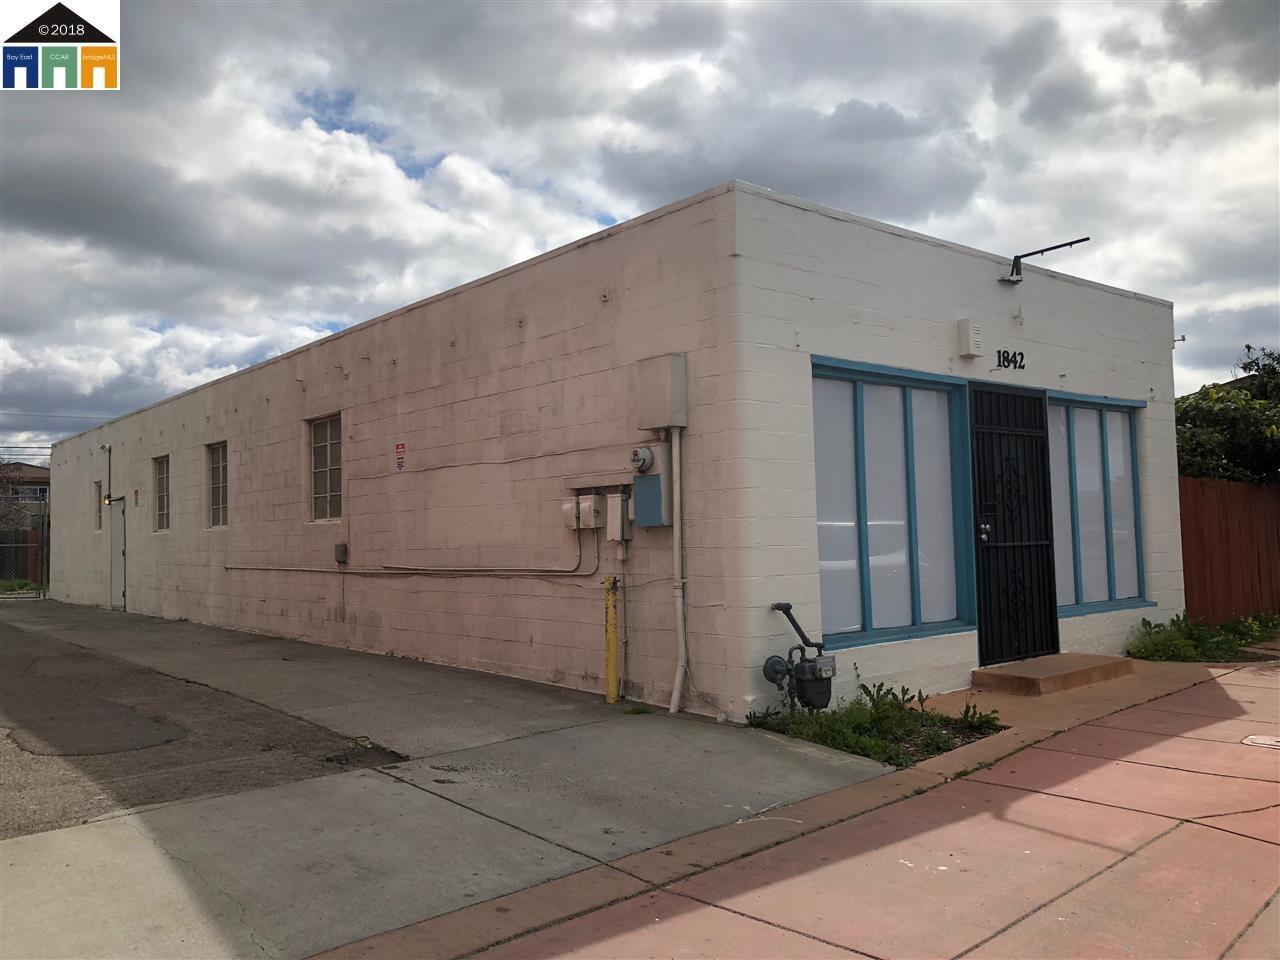 獨棟家庭住宅 為 出租 在 1842 23rd Street 1842 23rd Street San Pablo, 加利福尼亞州 94806 美國